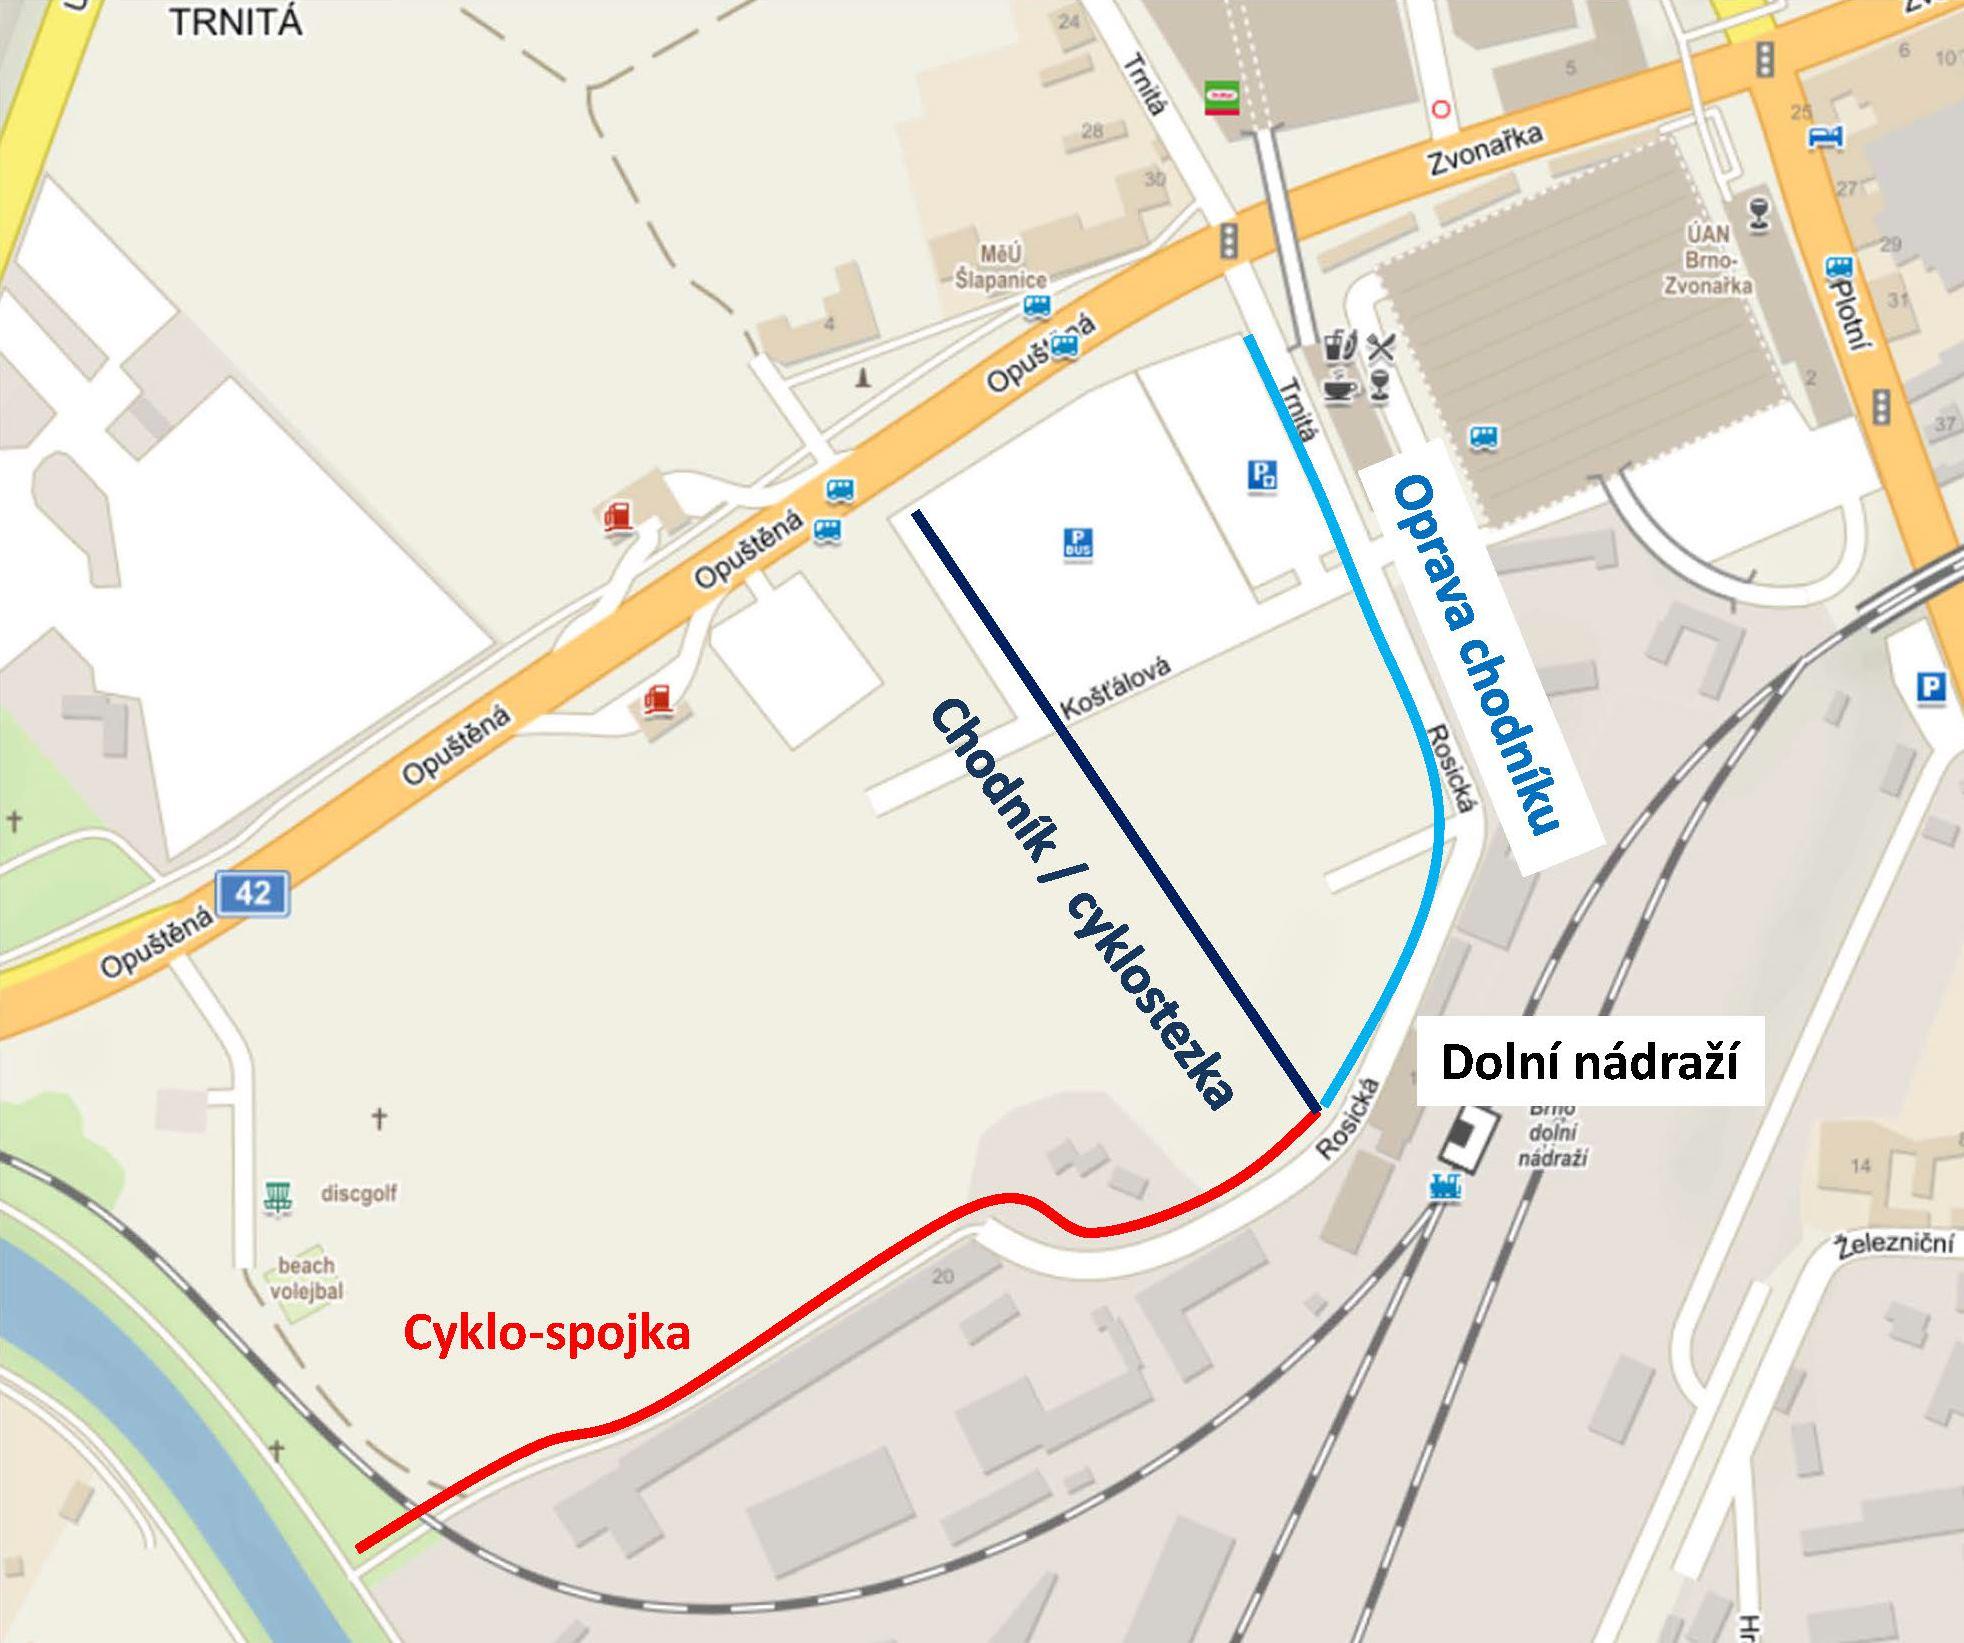 Návrh na obnovené cesty na Dolní nádraží středem Trnitá